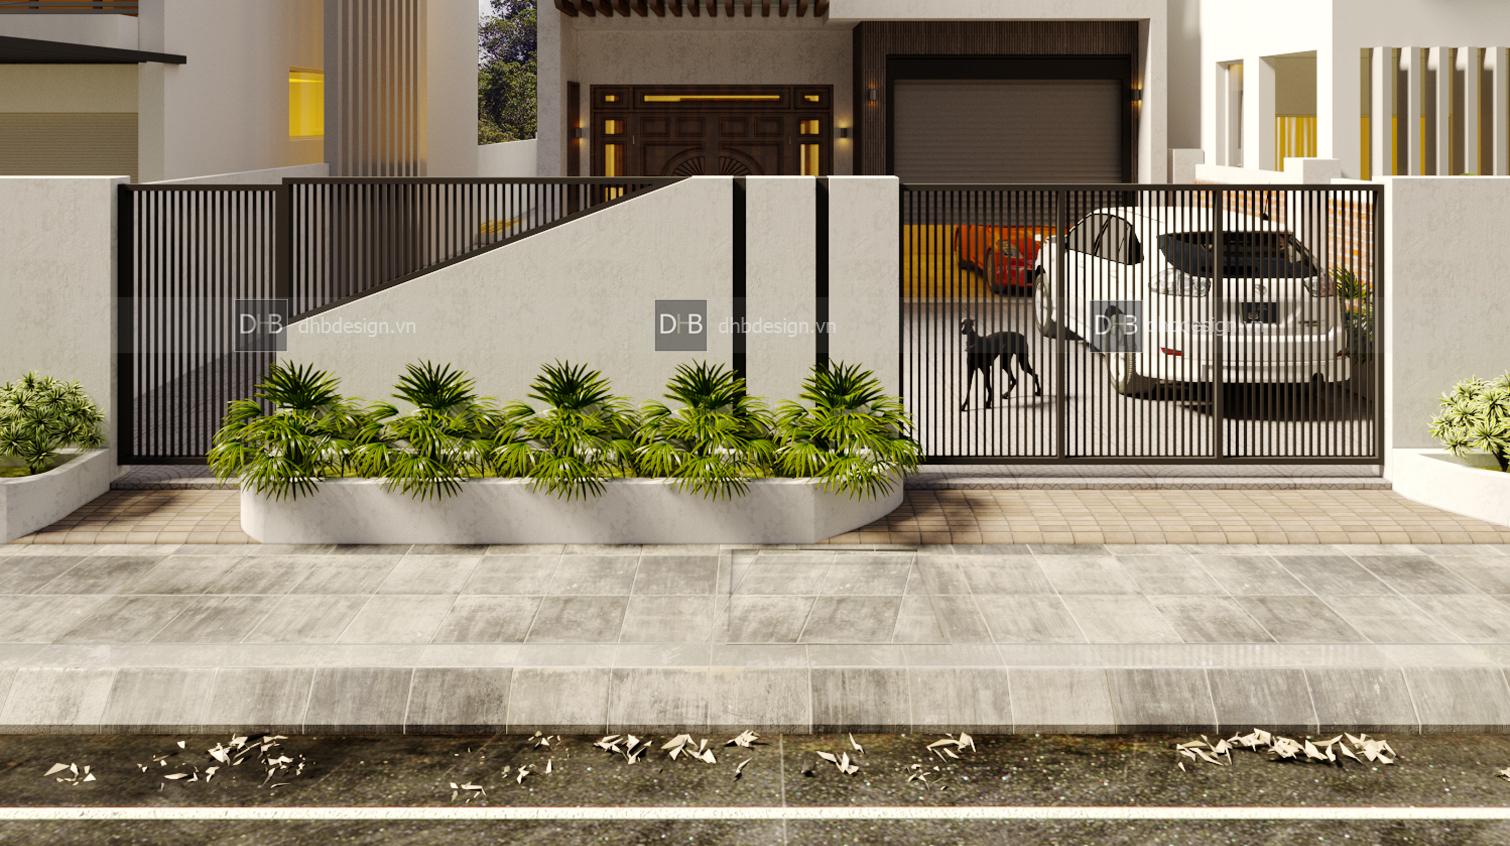 thiết kế Biệt Thự 3 tầng tại Hà Nội Biệt Thự Phố 3 1553137925